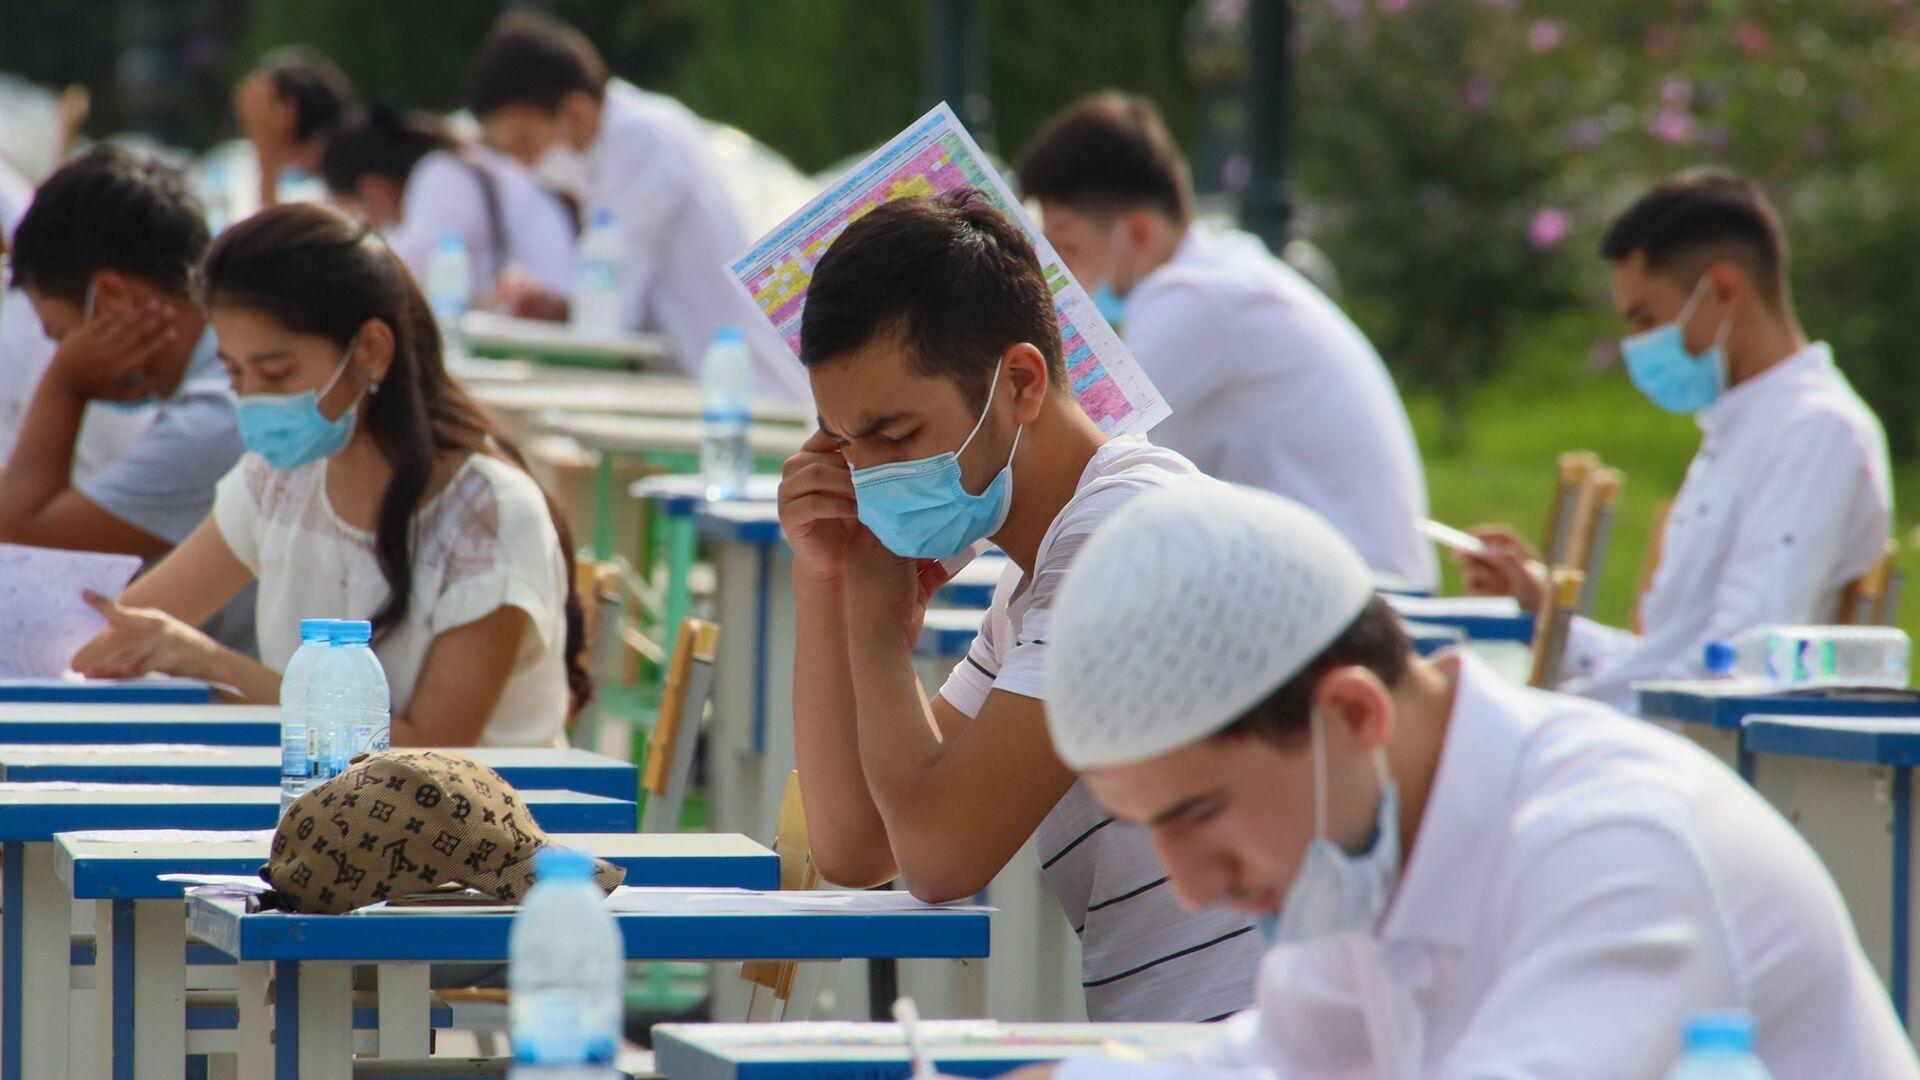 Узбекские студенты сдают вступительные экзамены под открытым небом в Ташкенте - Sputnik Ўзбекистон, 1920, 18.03.2021